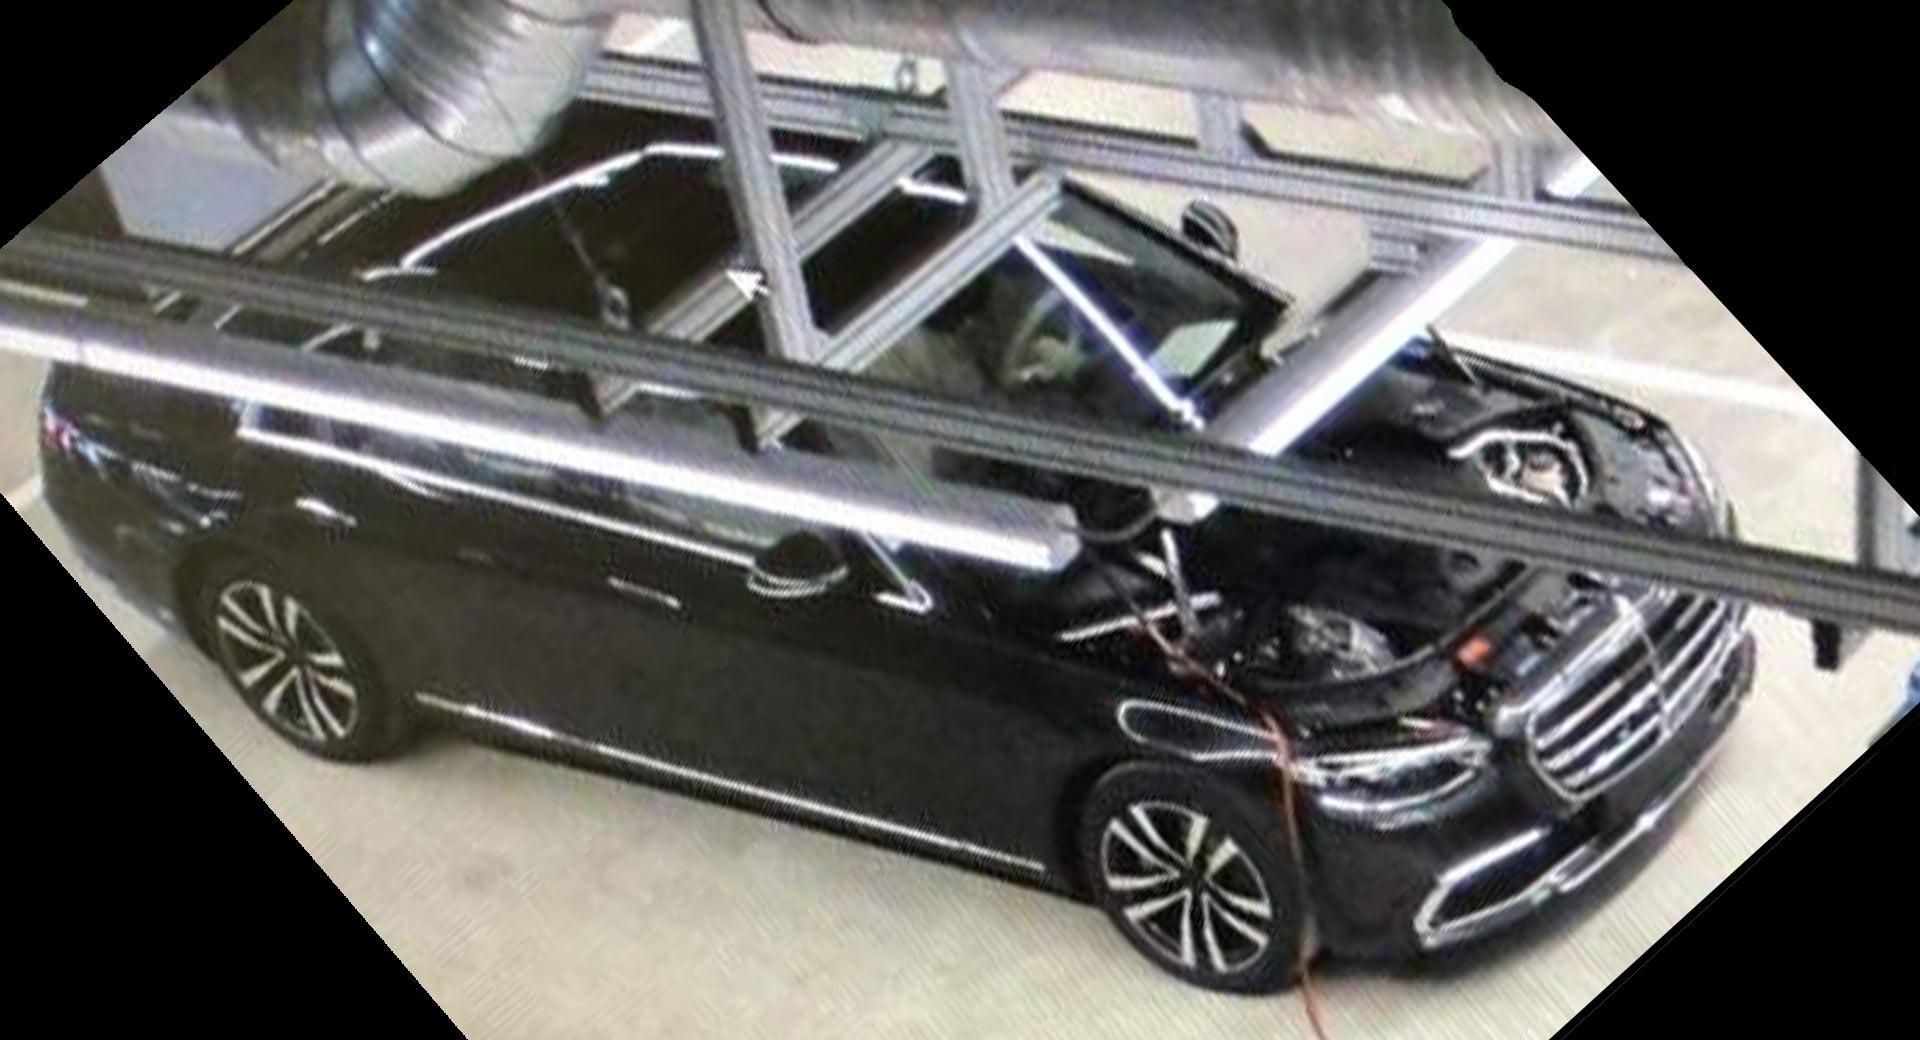 Премьера Mercedes-Benz S-класса в кузове W223 должна состояться совсем скоро, а в интернете уже опубликован первый снимок модели без камуфляжа.